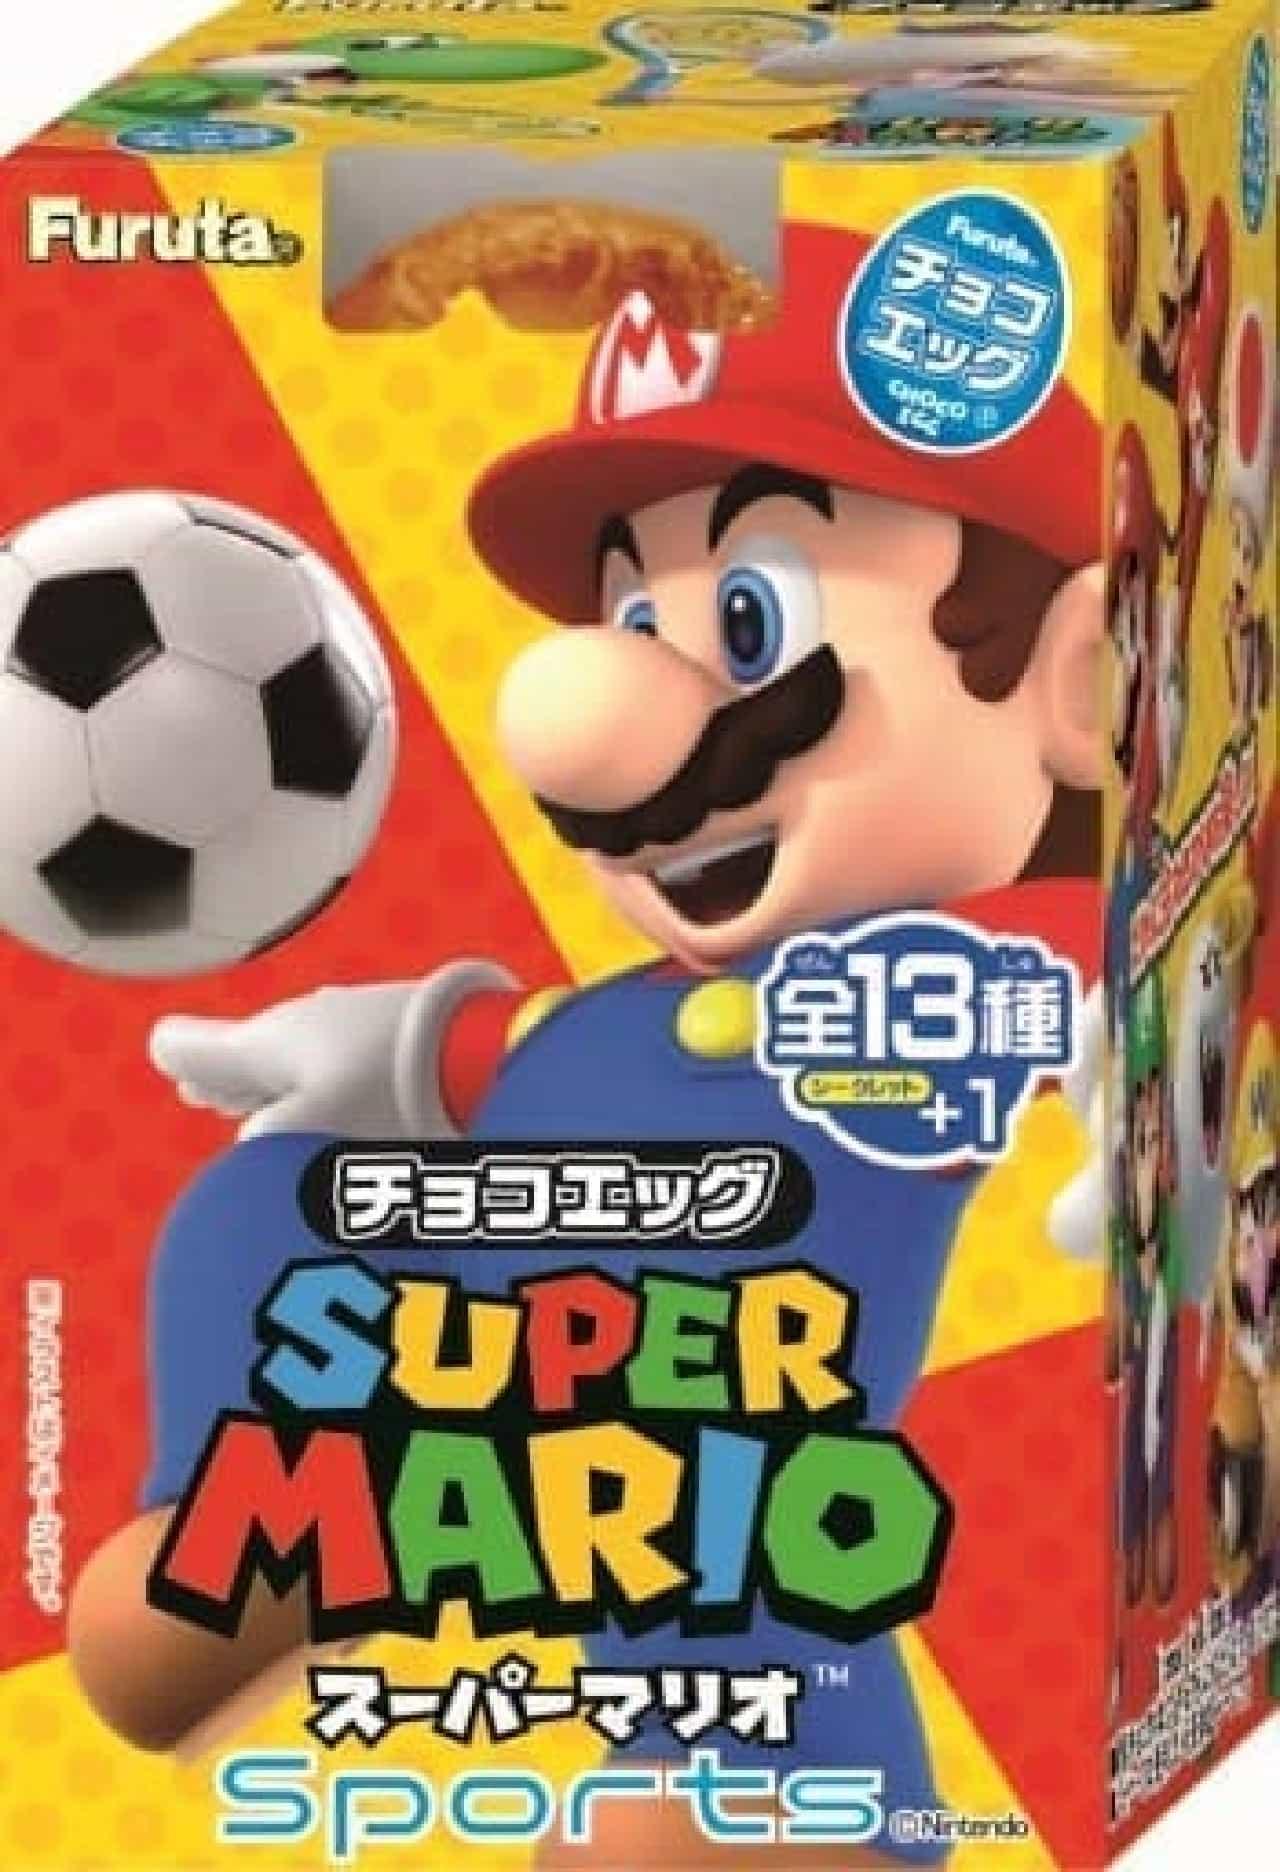 フルタ製菓「チョコエッグ スーパーマリオ スポーツ」